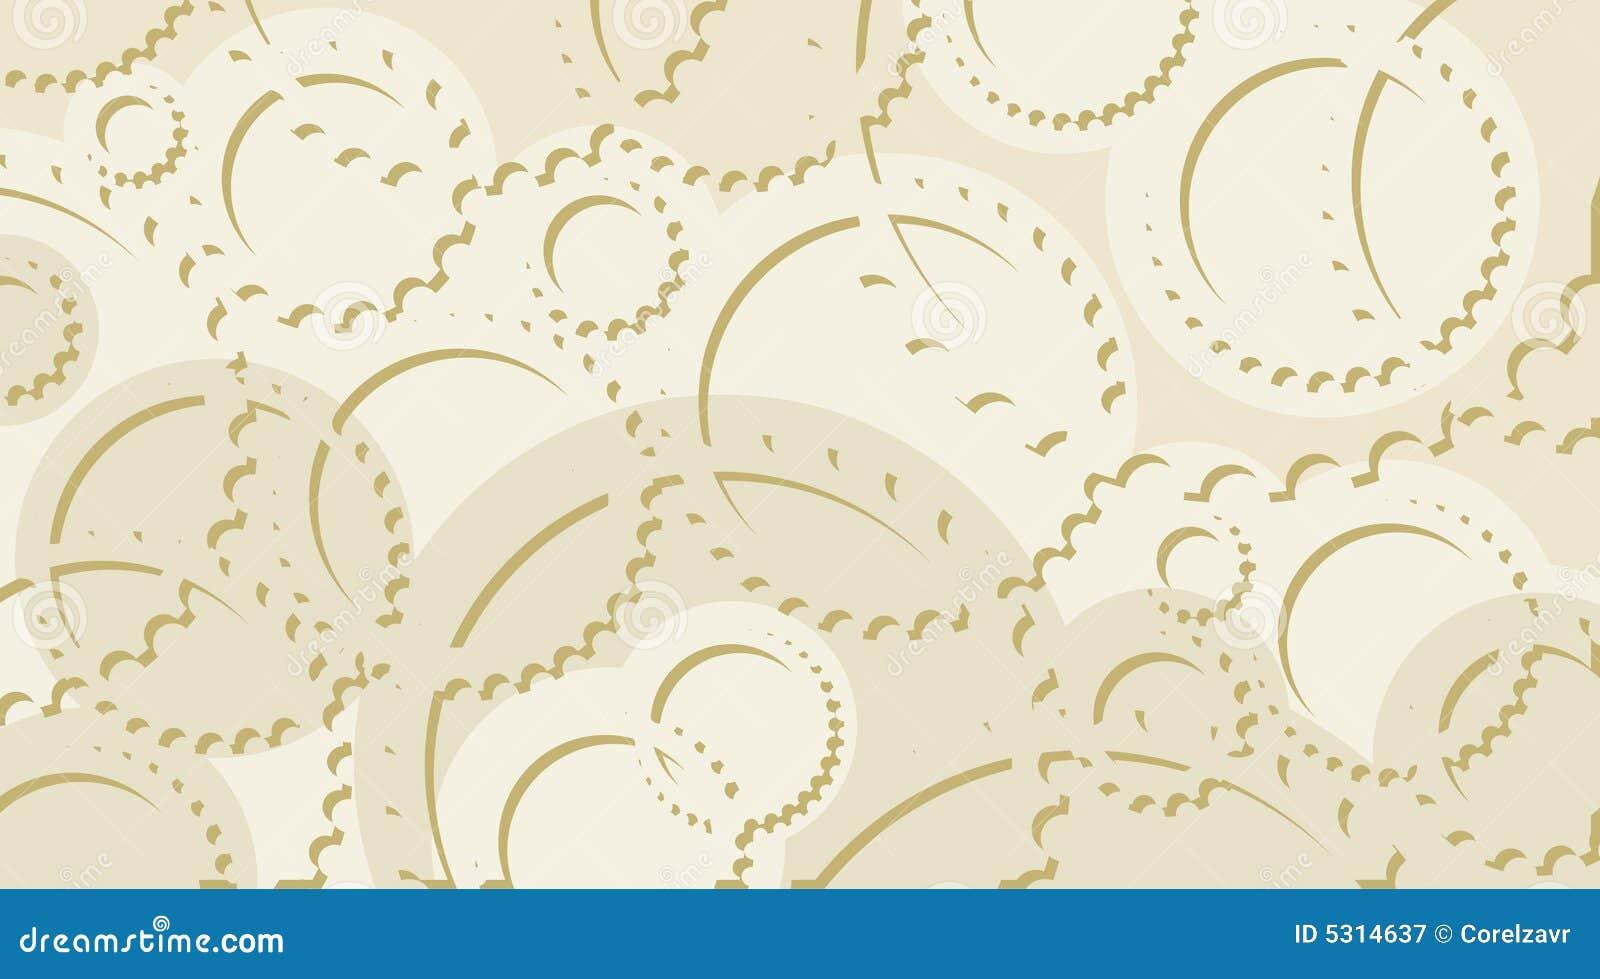 Download Attrezzo e Cogwheels_03 illustrazione vettoriale. Illustrazione di grafico - 5314637